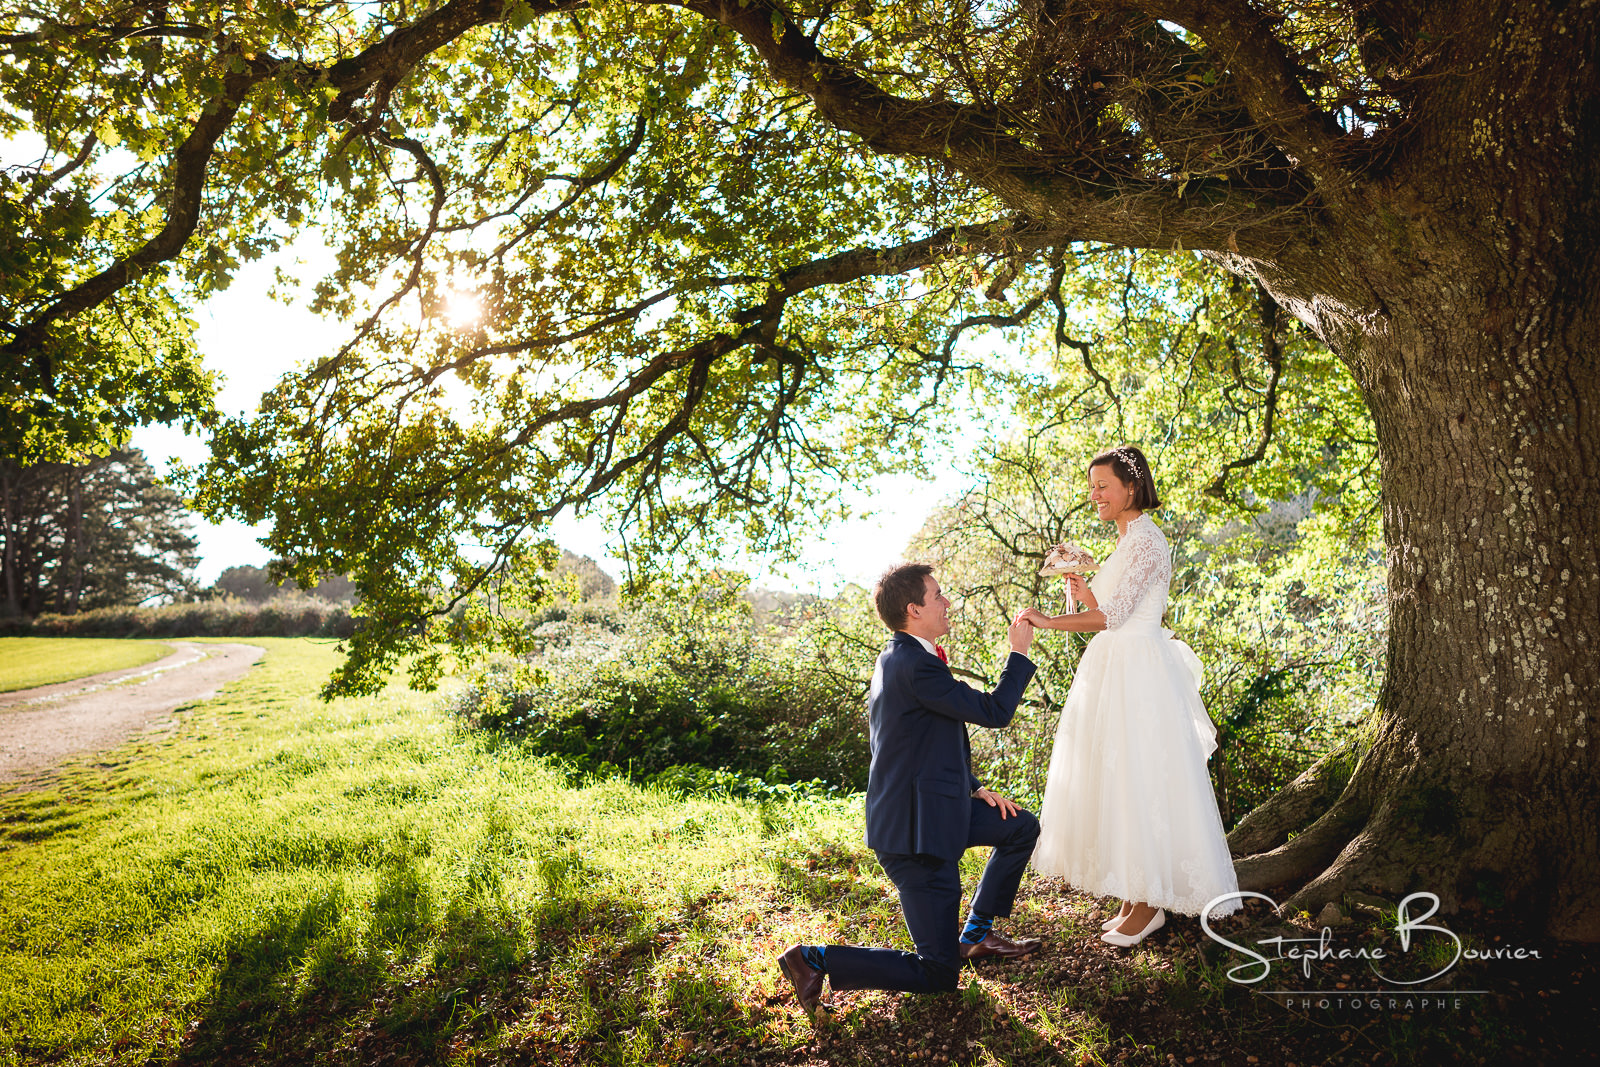 Mariage d'Elsa et Sylvain